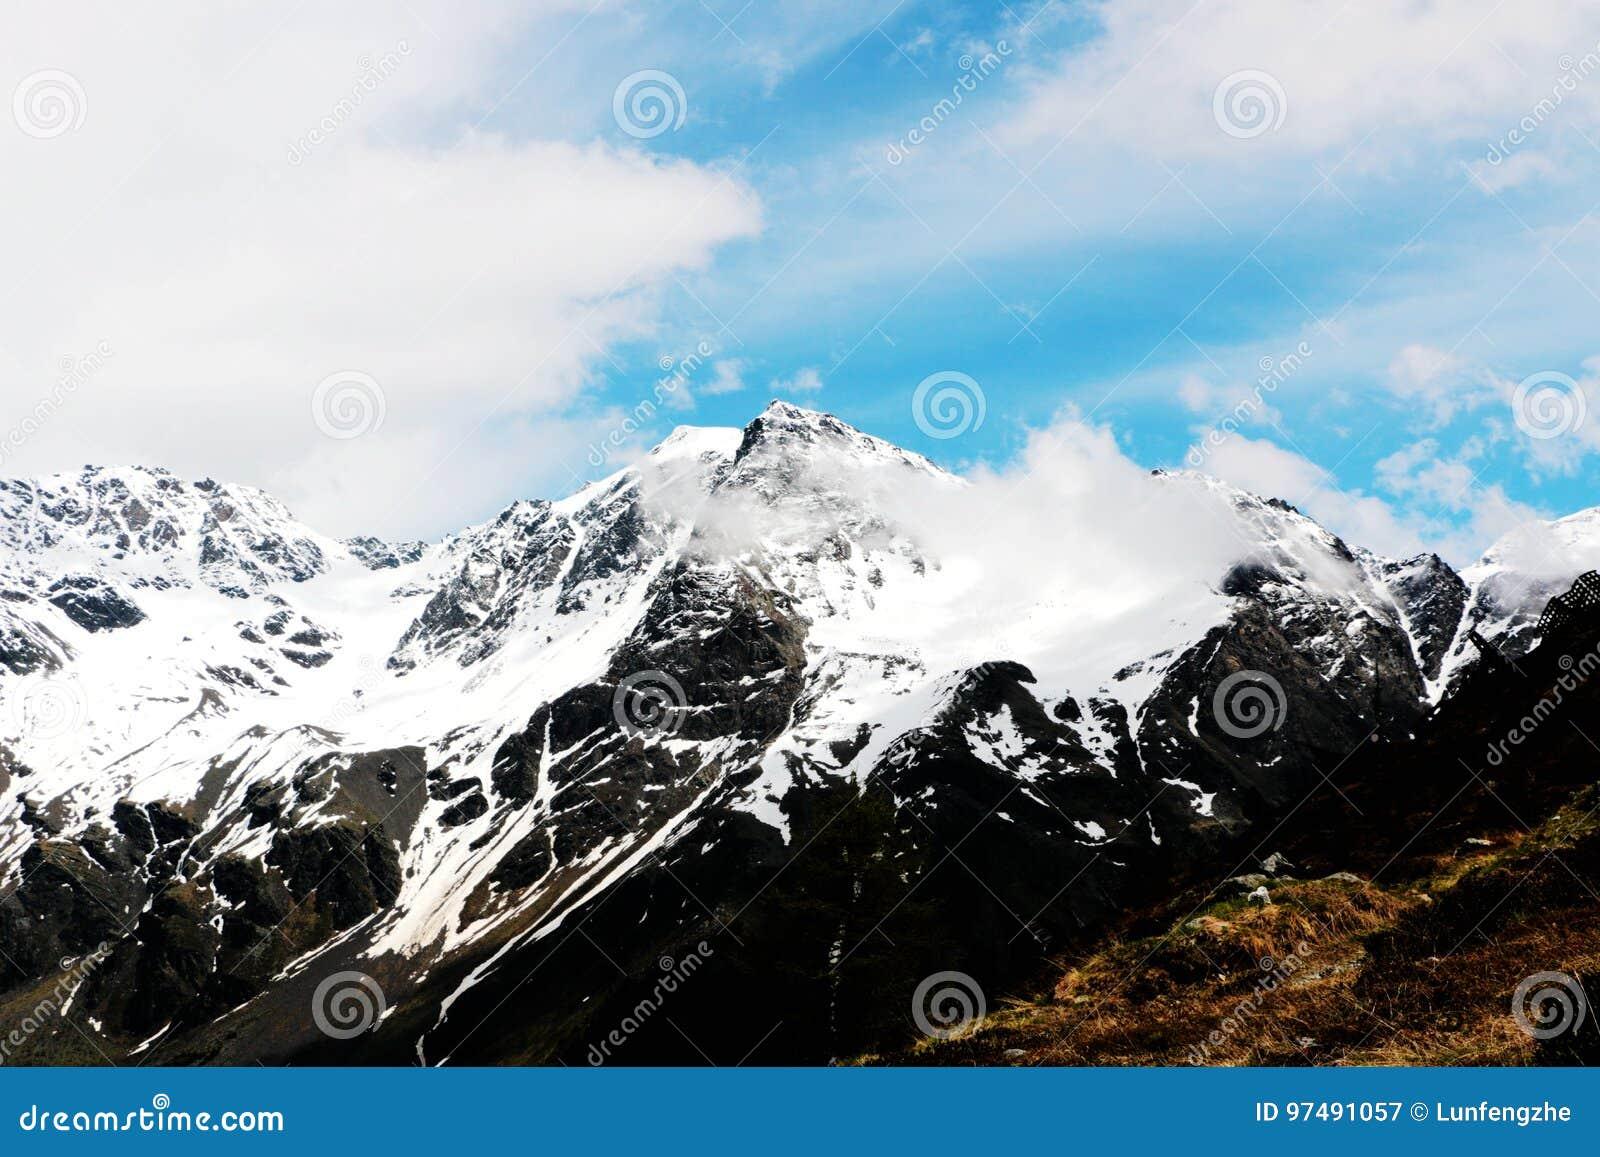 Hintere Schöntaufspitze in solda sulden, alpi Italia